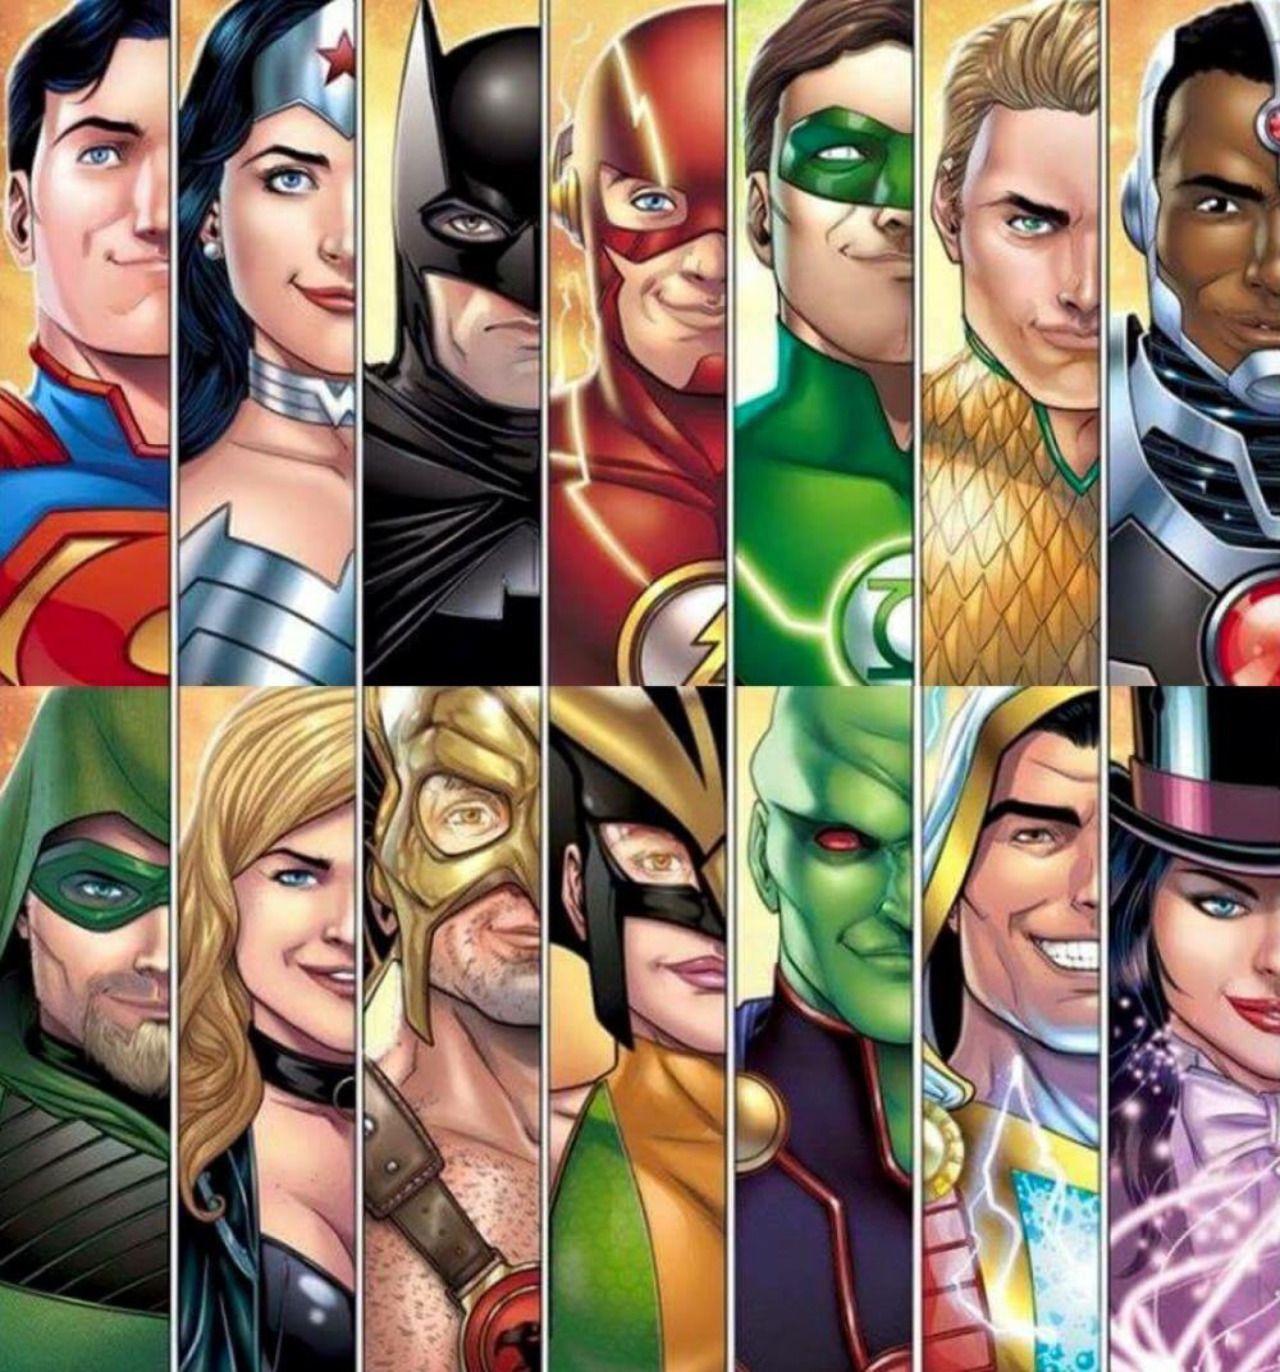 Dccomicsnews Superhero Comic Dc Comics Superheroes Comics